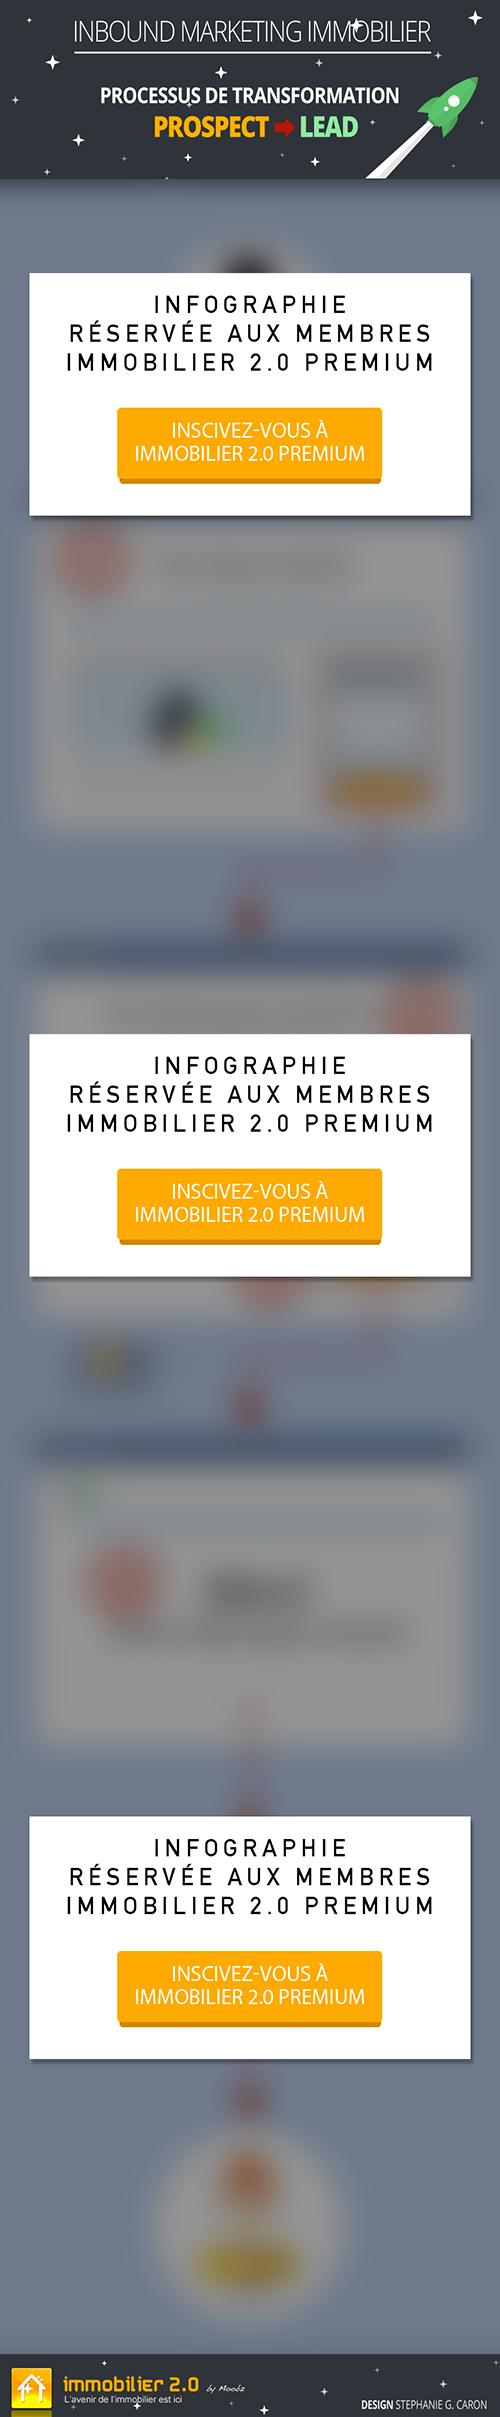 infographie-conversion-flou-premium2